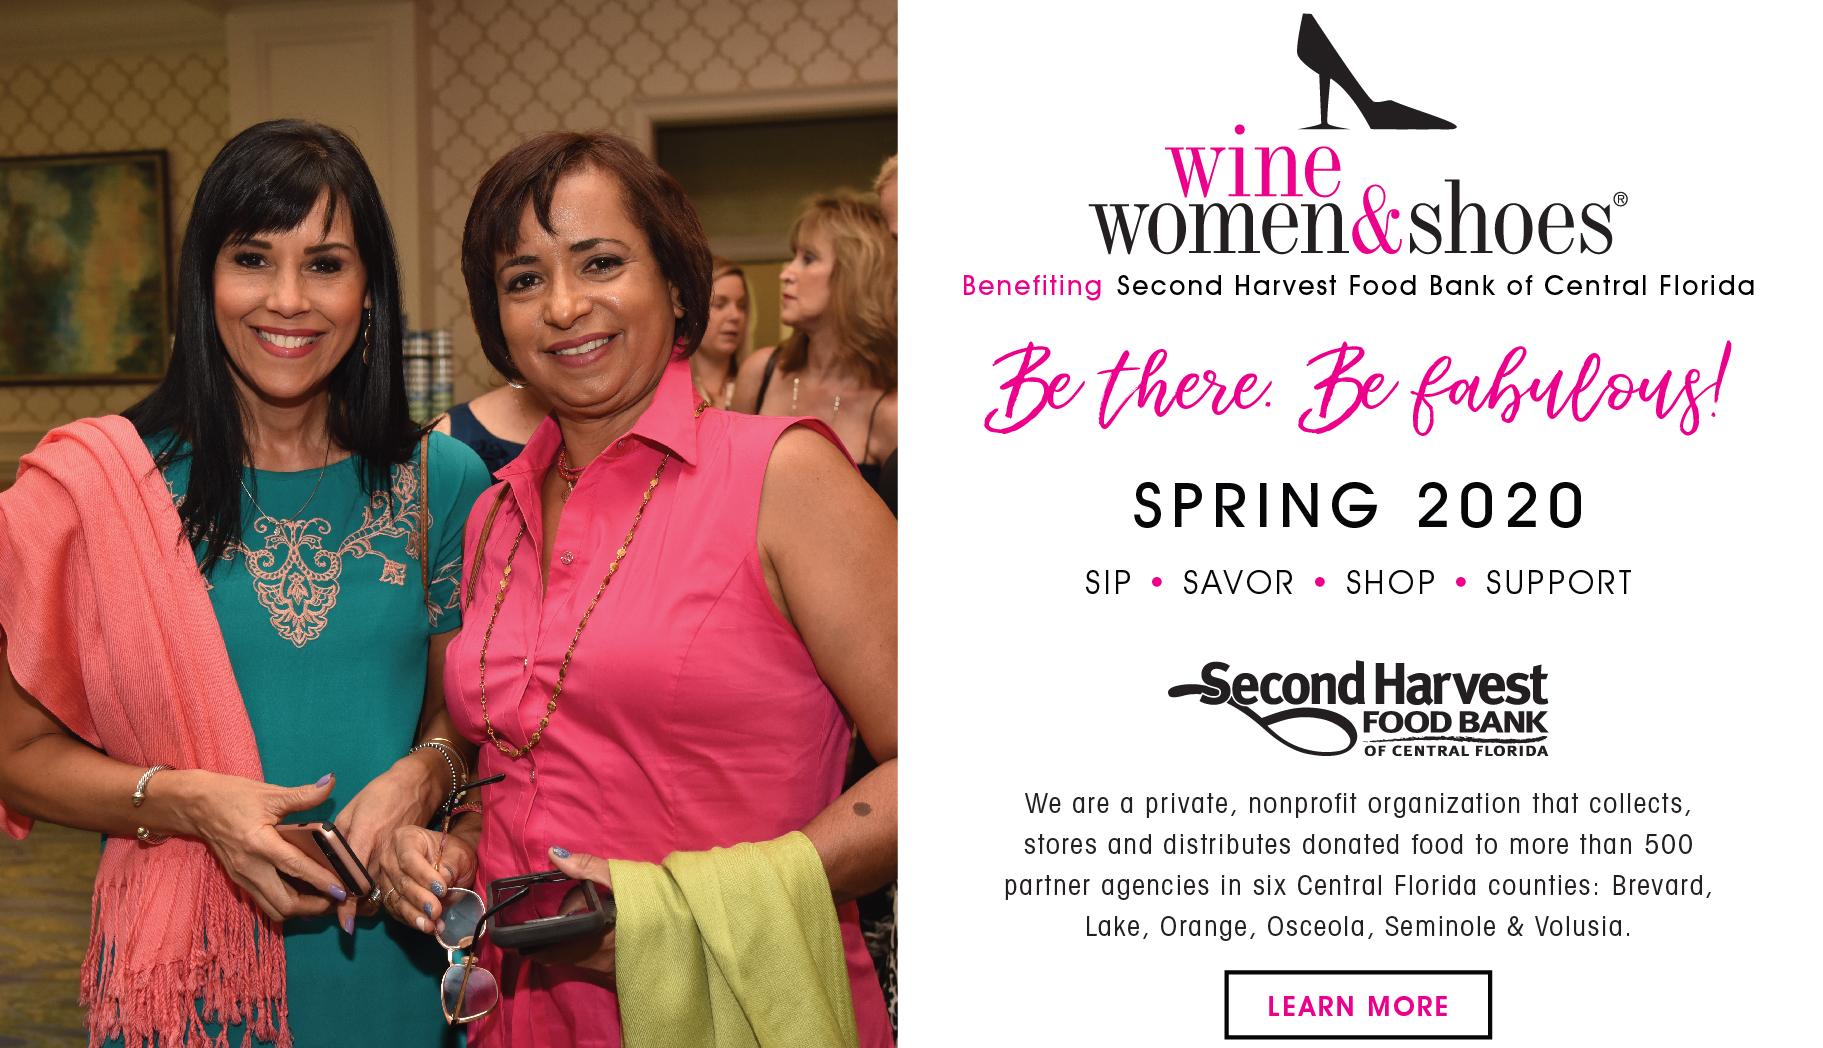 Florida Calendar Of Events 2020 Orlando, FL 2020   Wine Women & Shoes